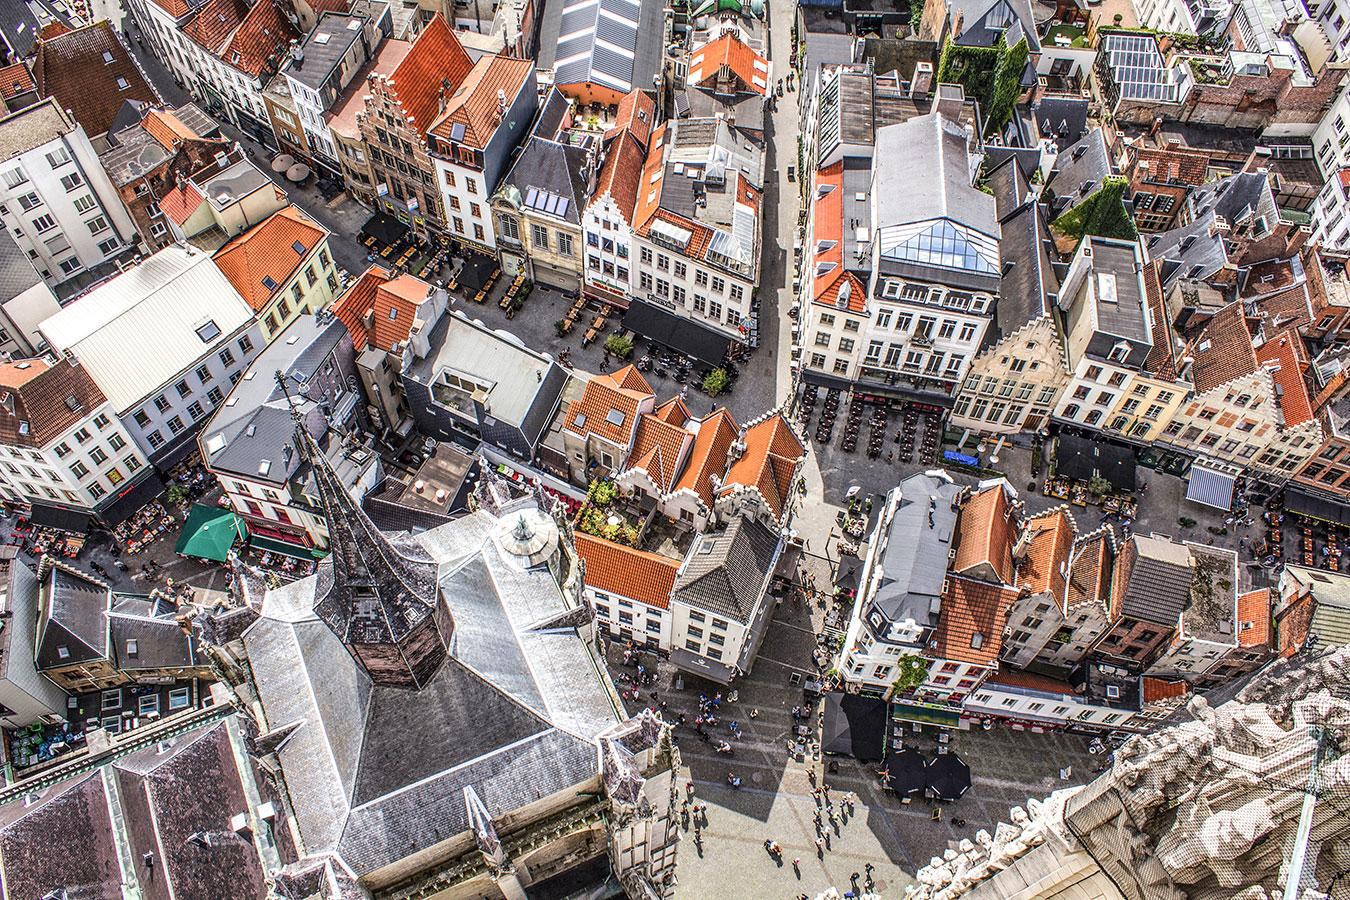 Antwerpen<br /><br />Fotó: Thomas Konings